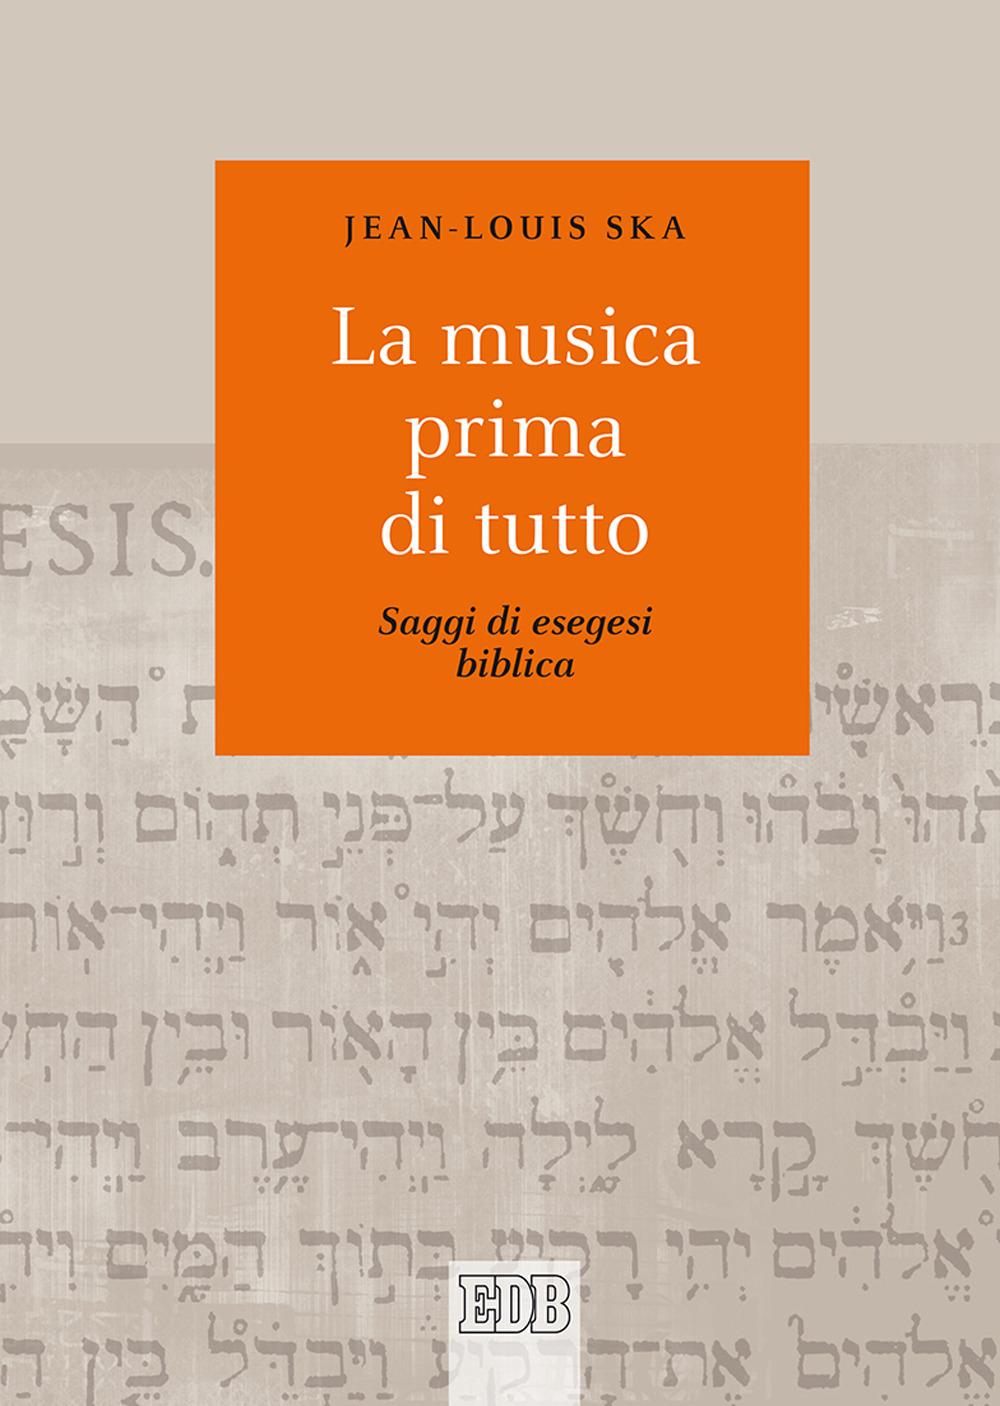 MUSICA PRIMA DI TUTTO. SAGGI DI ESEGESI BIBLICA (LA) - Ska Jean-Louis - 9788810221877